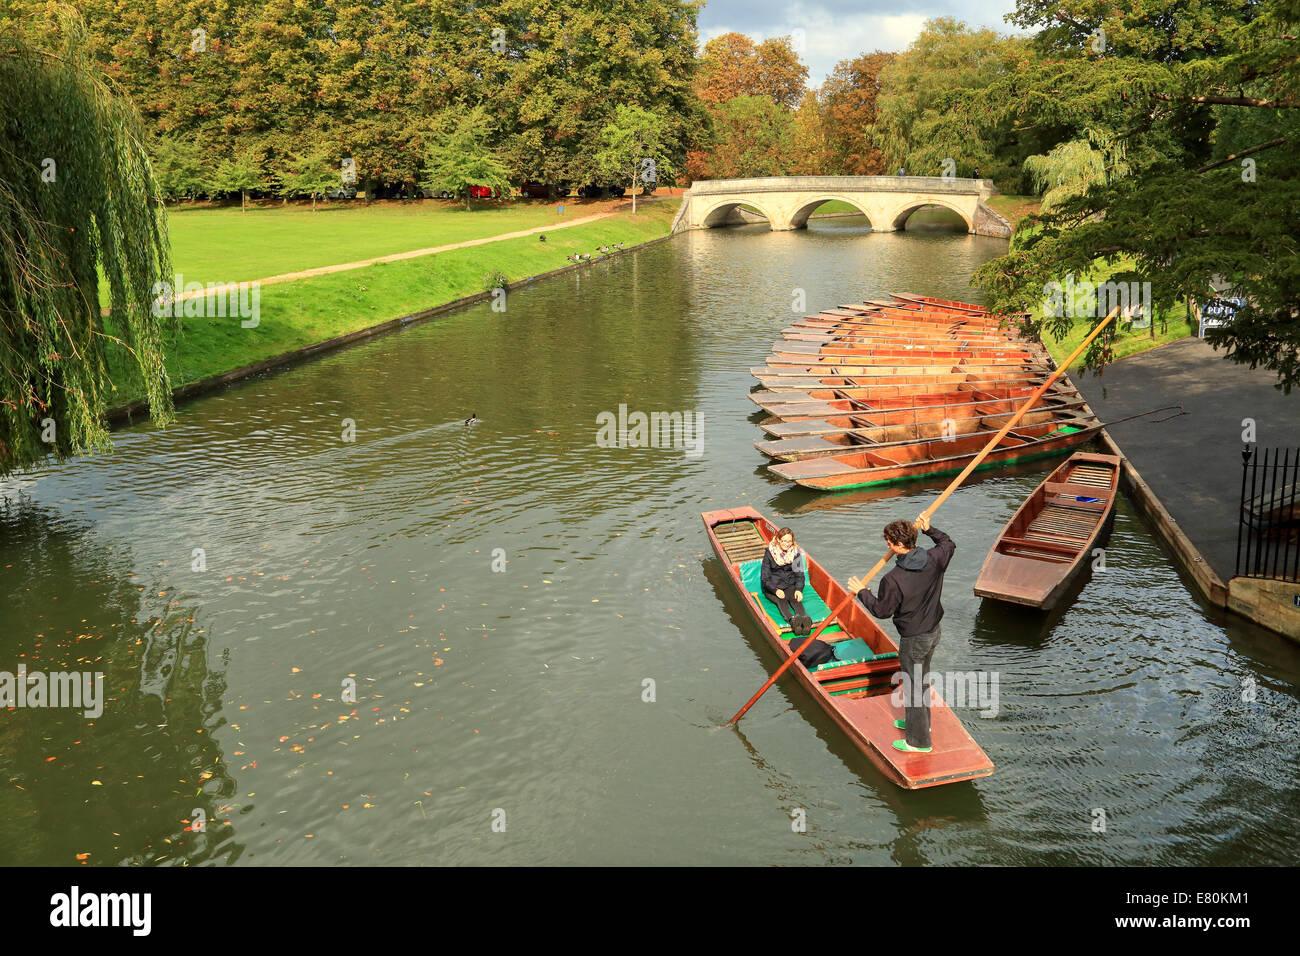 Punting, Cambridge, UK. - Stock Image